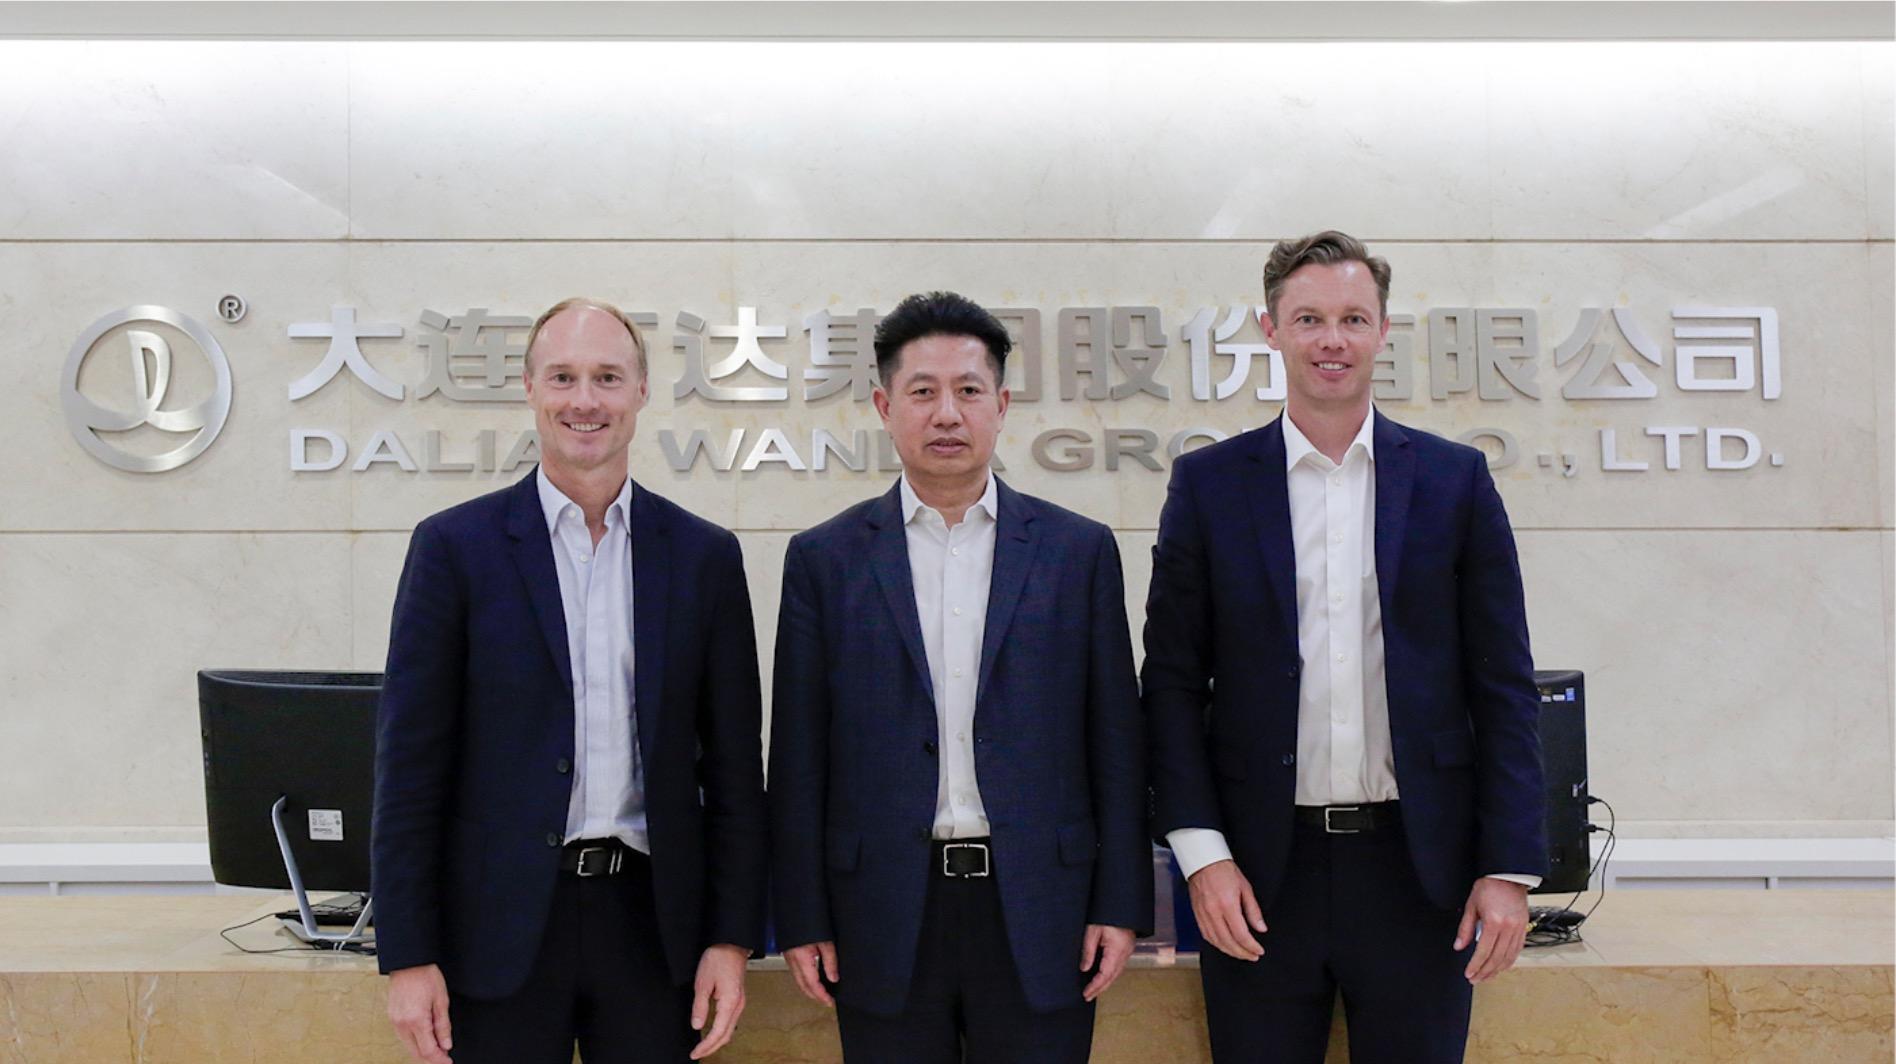 金沙网站下载app总裁齐界会见H&M全球CEO弗雷德里克·奥尔森